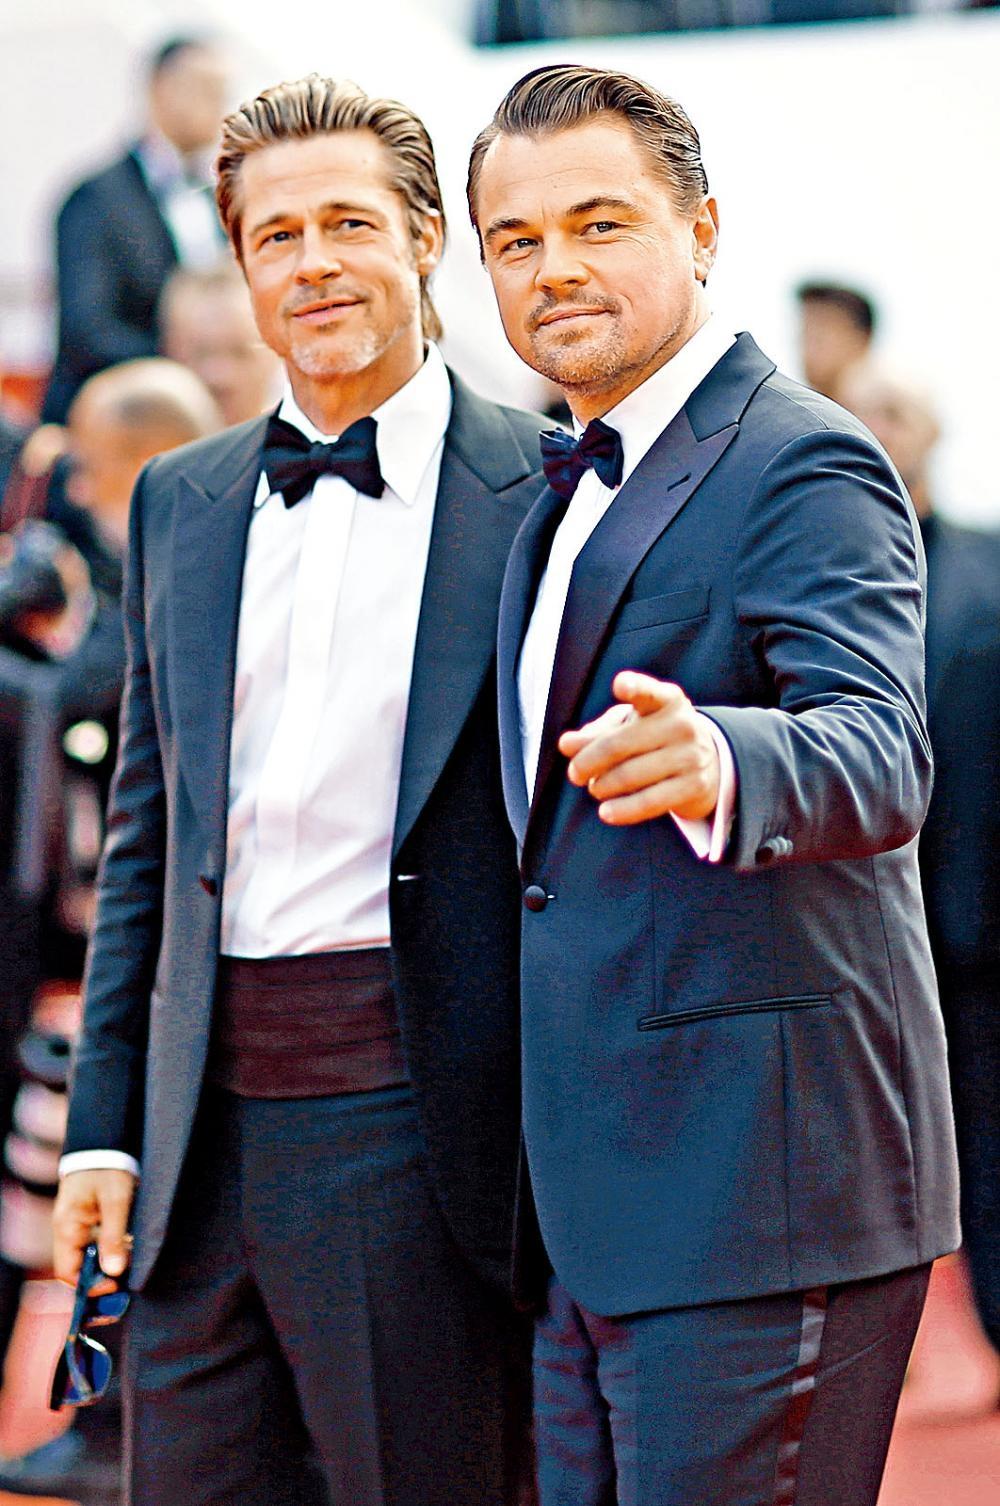 兩大男神畢彼特與里安納度昨日現身康城,出席《從前,有個荷里活》首映,在紅地氈上鬥型。